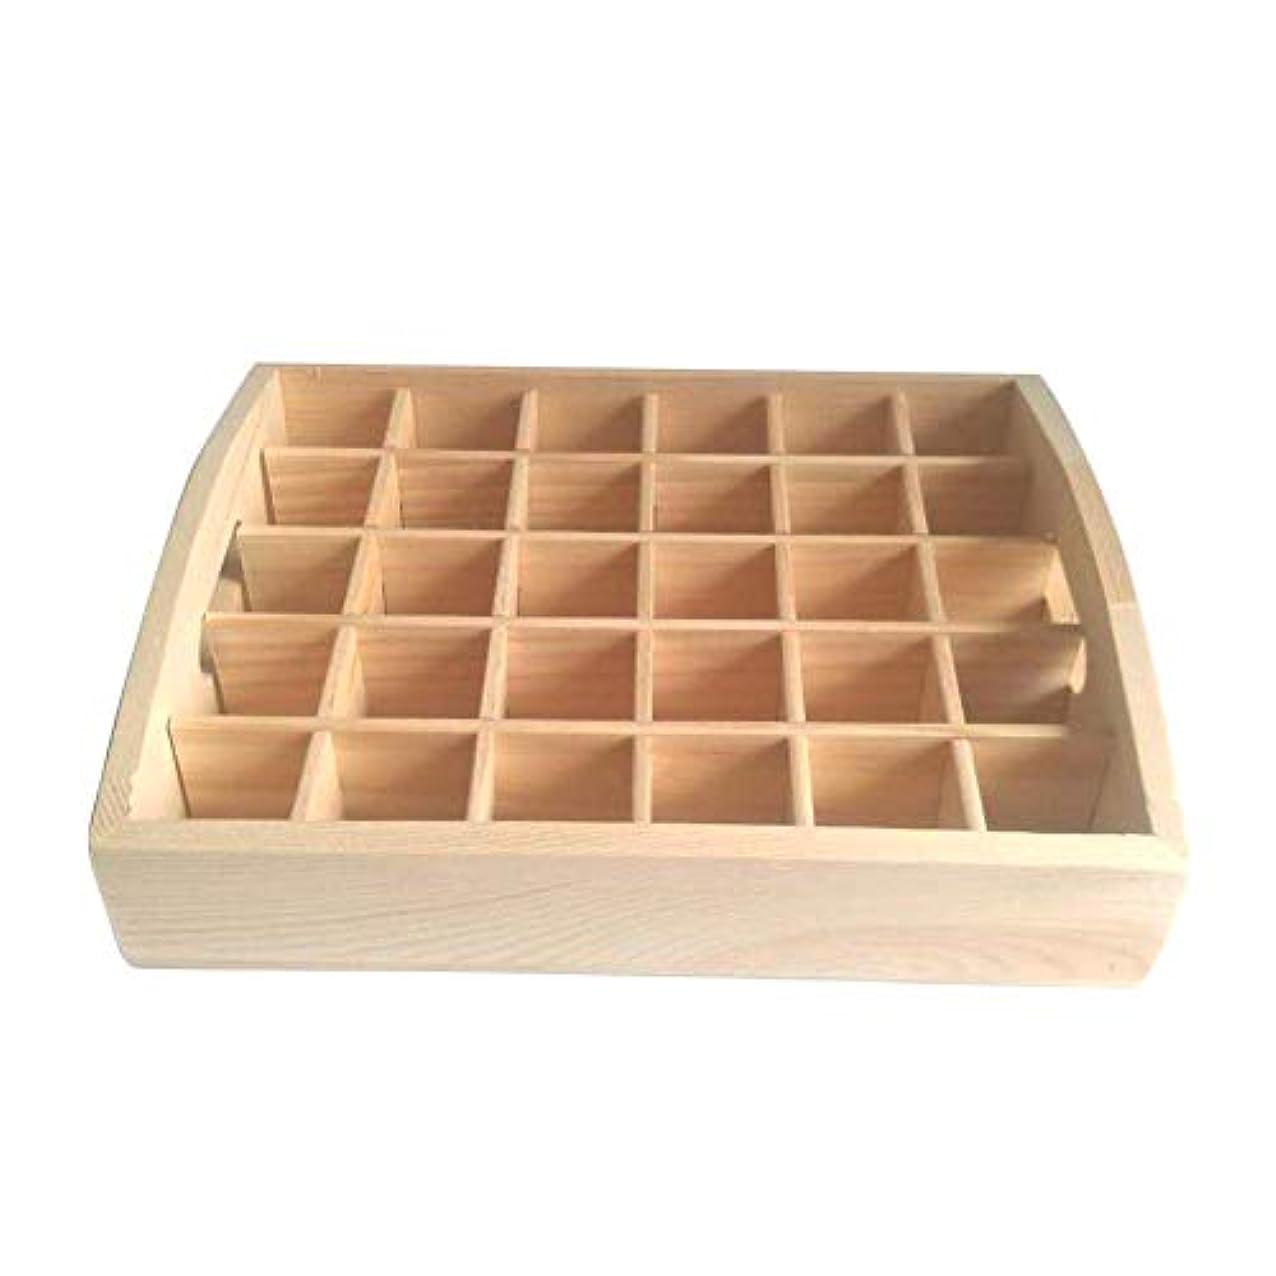 どこでも放映ピアノPursue アロマオイルスタンド 精油収納 香水展示スタンド エッセンシャルオイル収納 木製 30本用